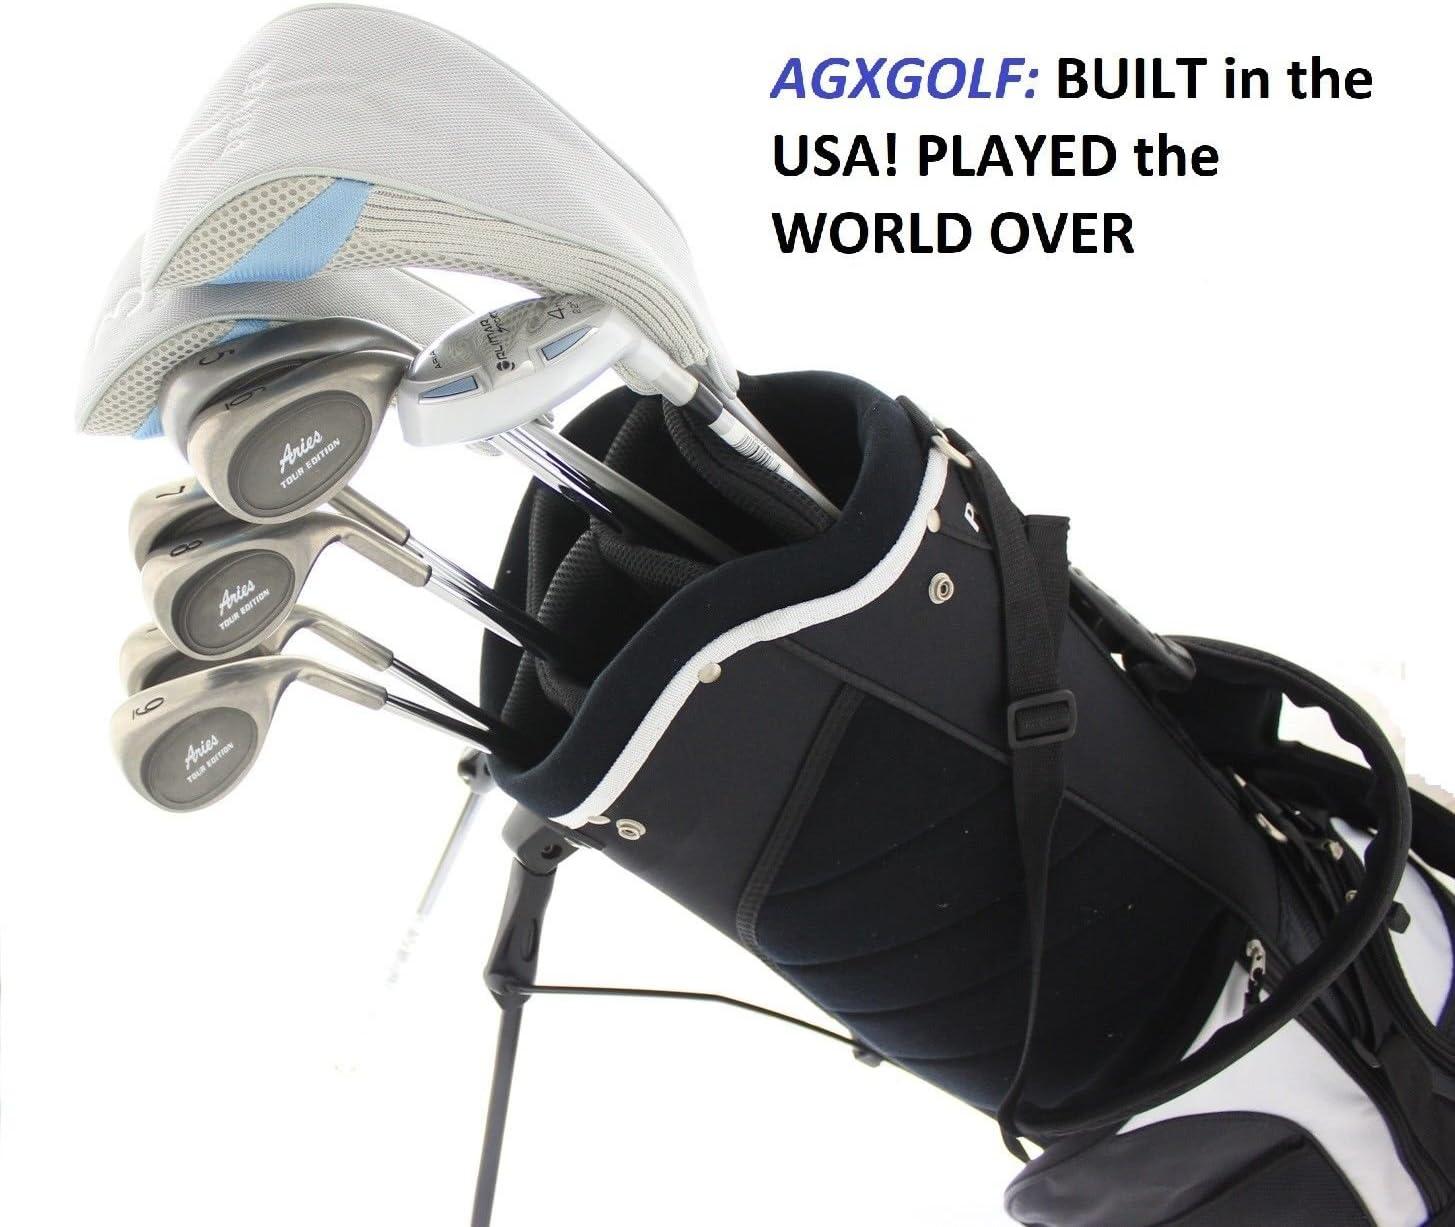 AGXGOLF Ladies Right Hand牡羊座CompleteゴルフクラブセットW /スタンドバッグ+ドライバー+ 3 WD +ハイブリッド+ 5 – 9アイアン+ Pitchingウェッジ+無料パター:小柄、RegularまたはTall長; USA Built 。  Regular Length